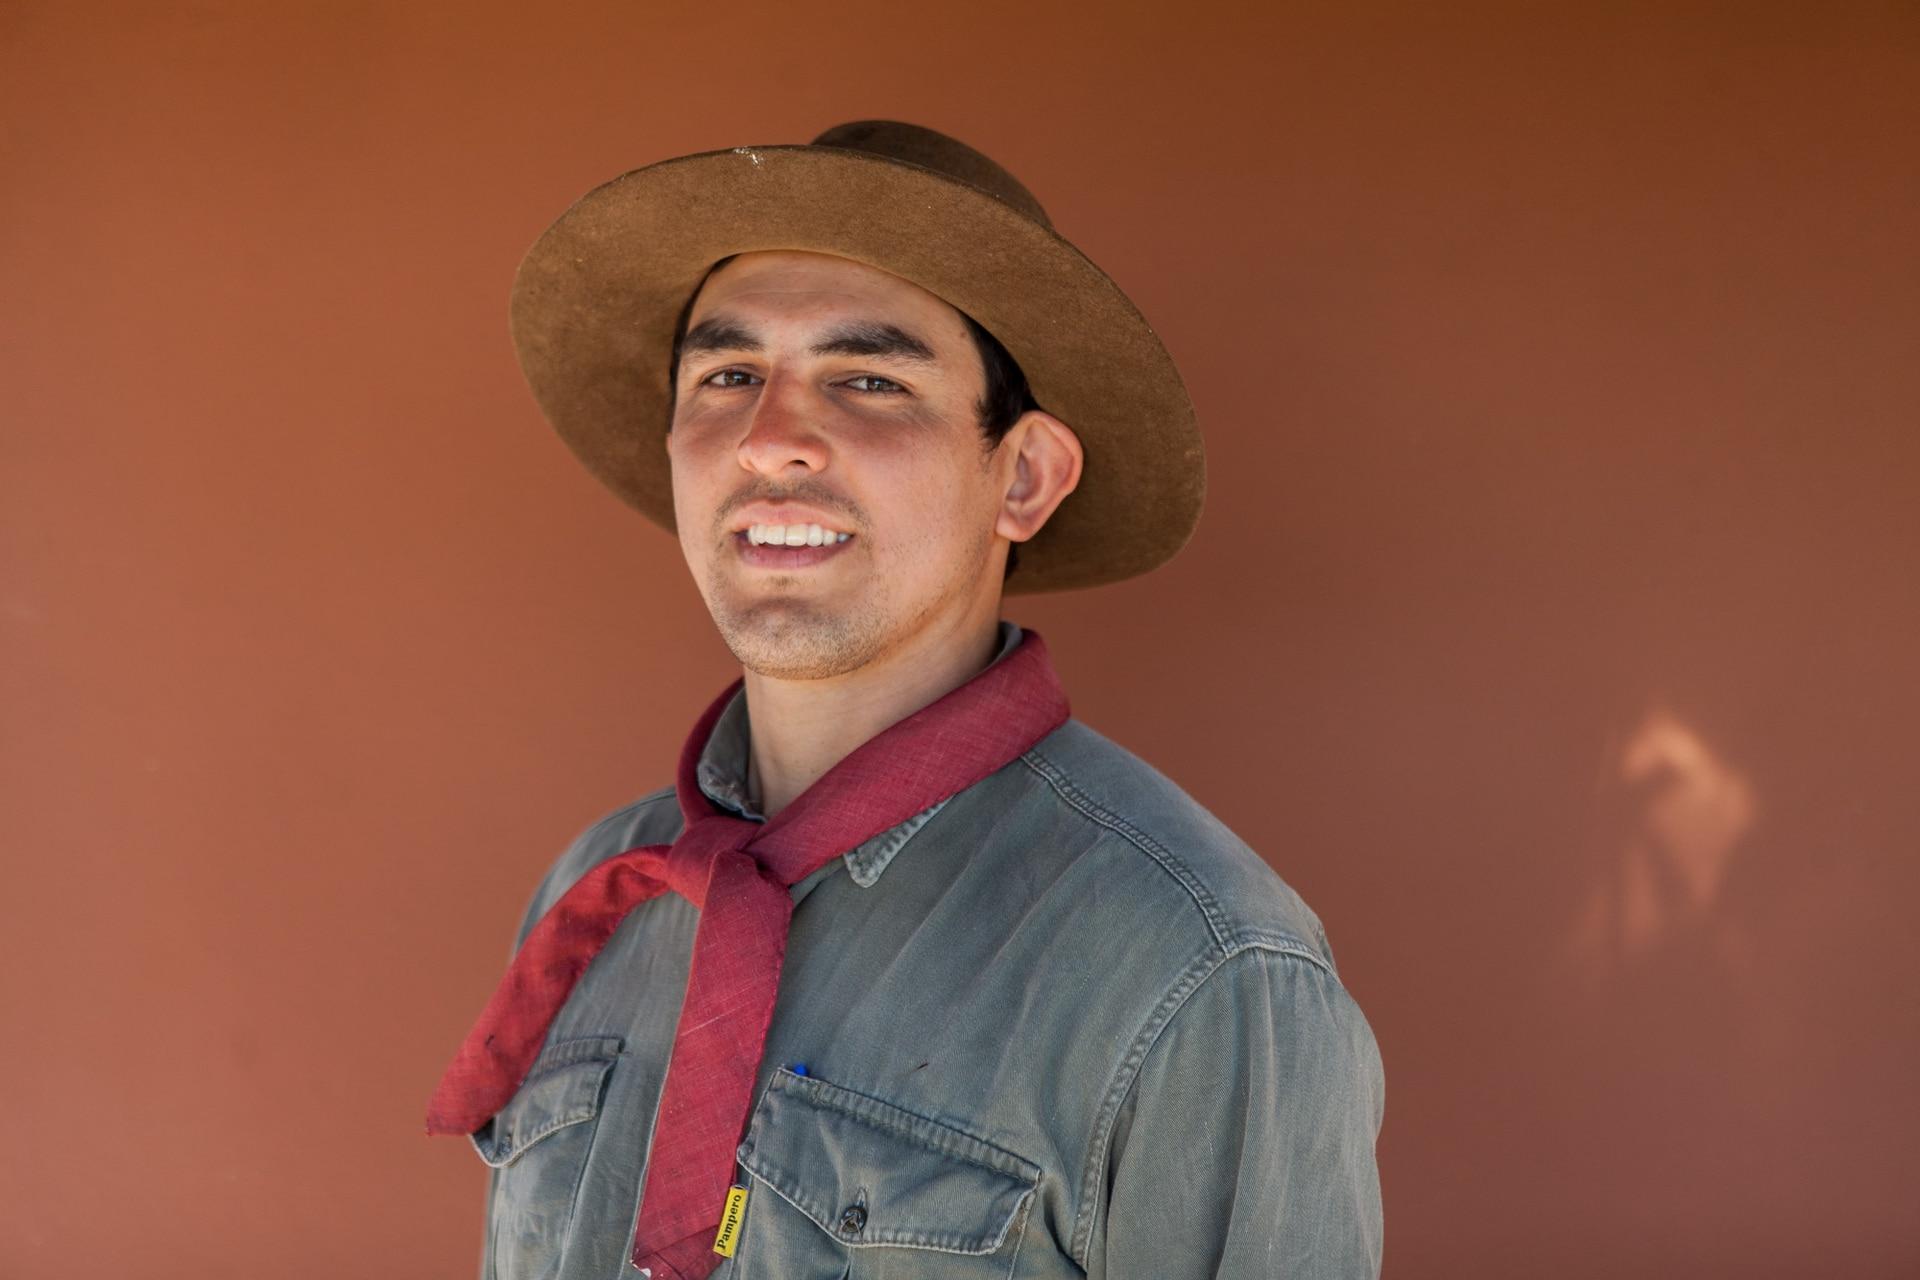 Ramón Alfredo Salazar es guía local, trabaja para la Fundación Rewilding Argentina y todos lo conocen como Keneke.